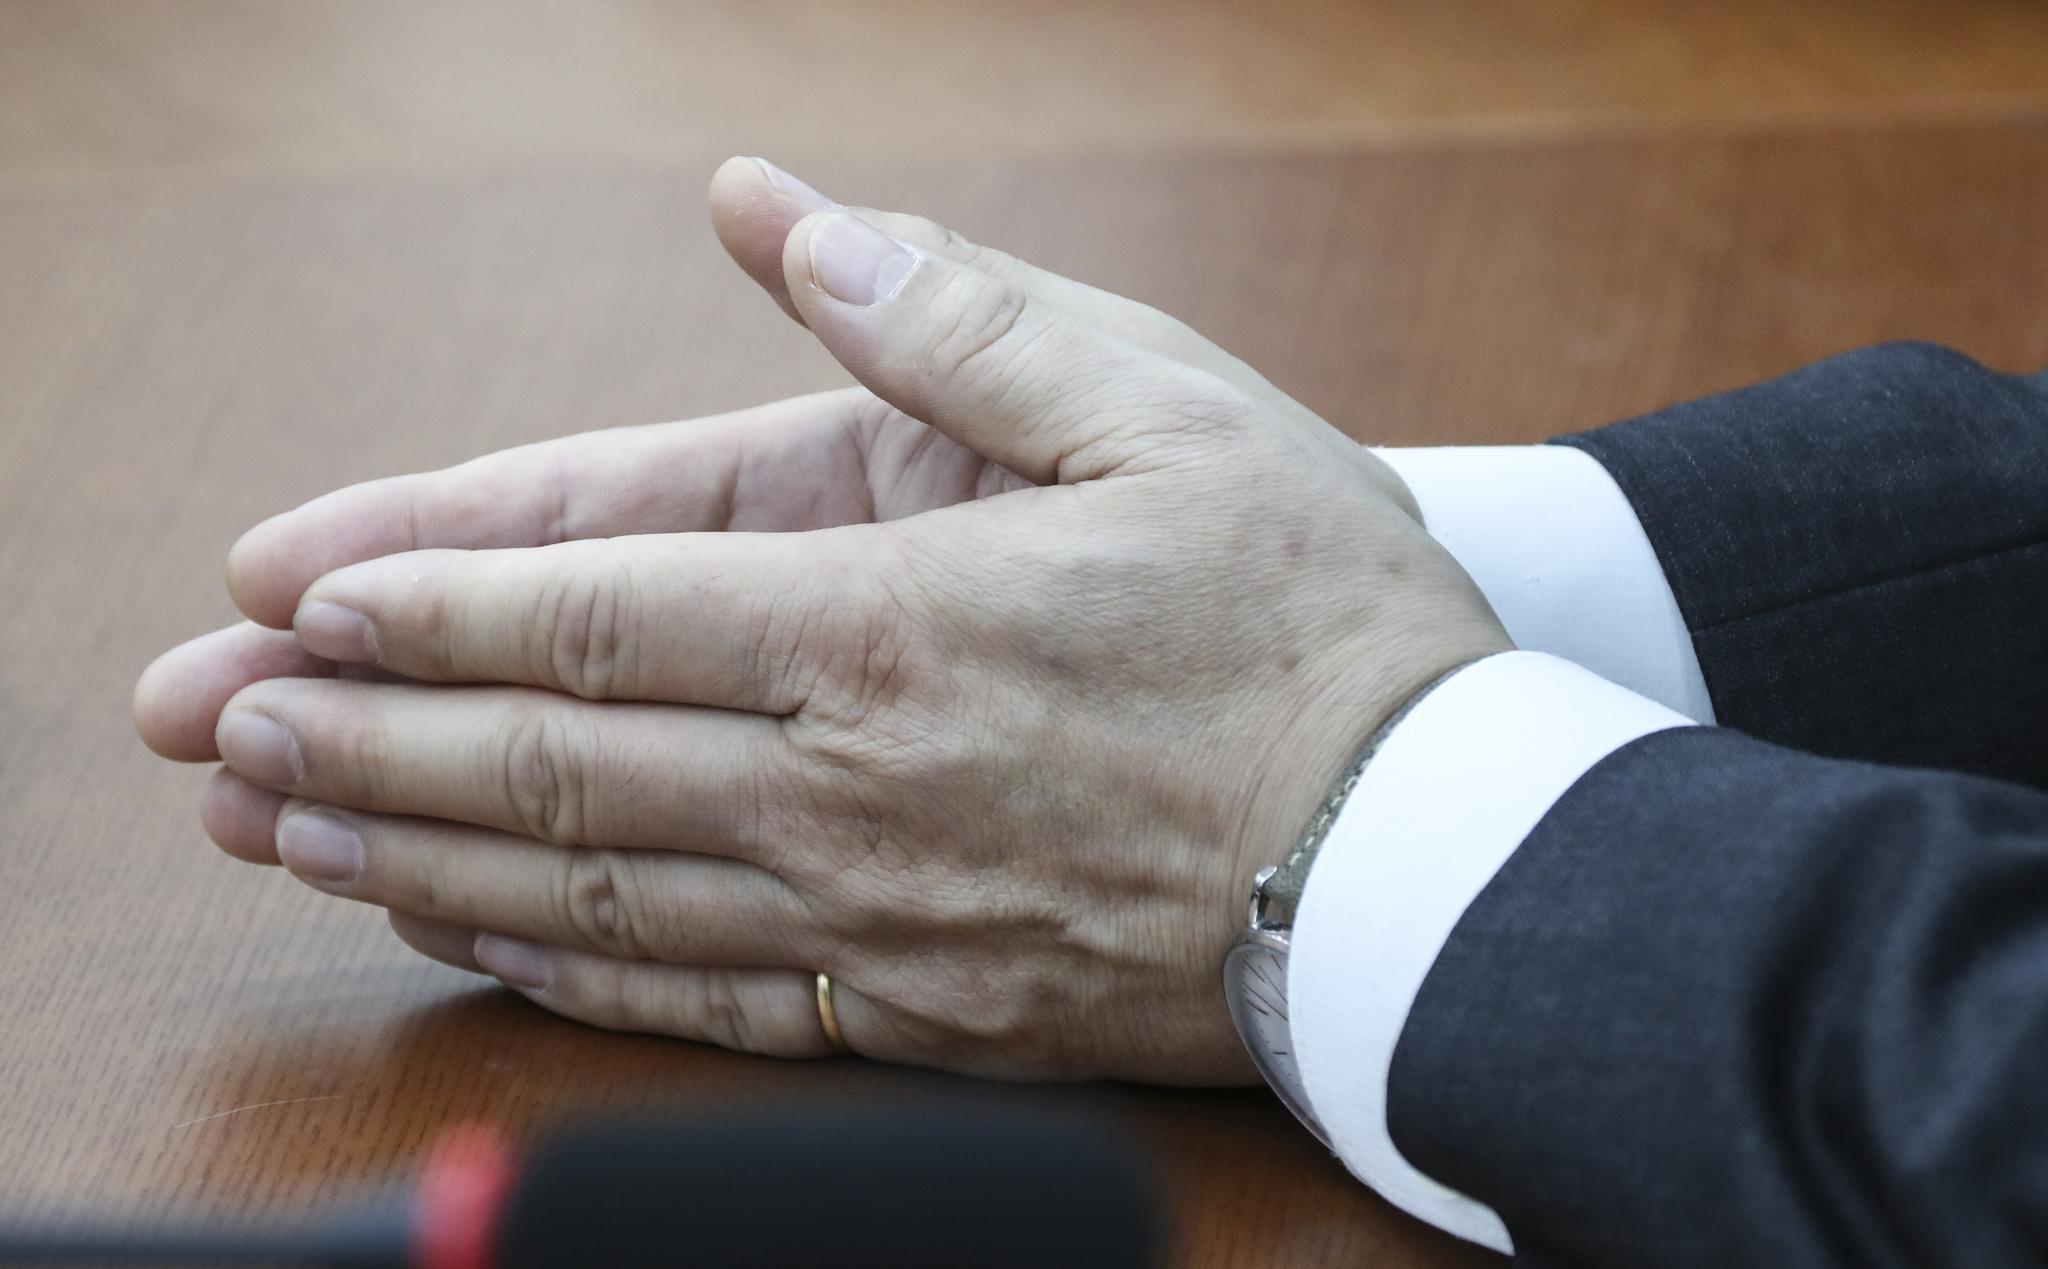 홍남기 경제부총리 겸 기획재정부 장관이 1일 국회에서 바른미래당 김관영 원내대표를 방문해 두 손을 모으고 대화하고 있다.. 임현동 기자